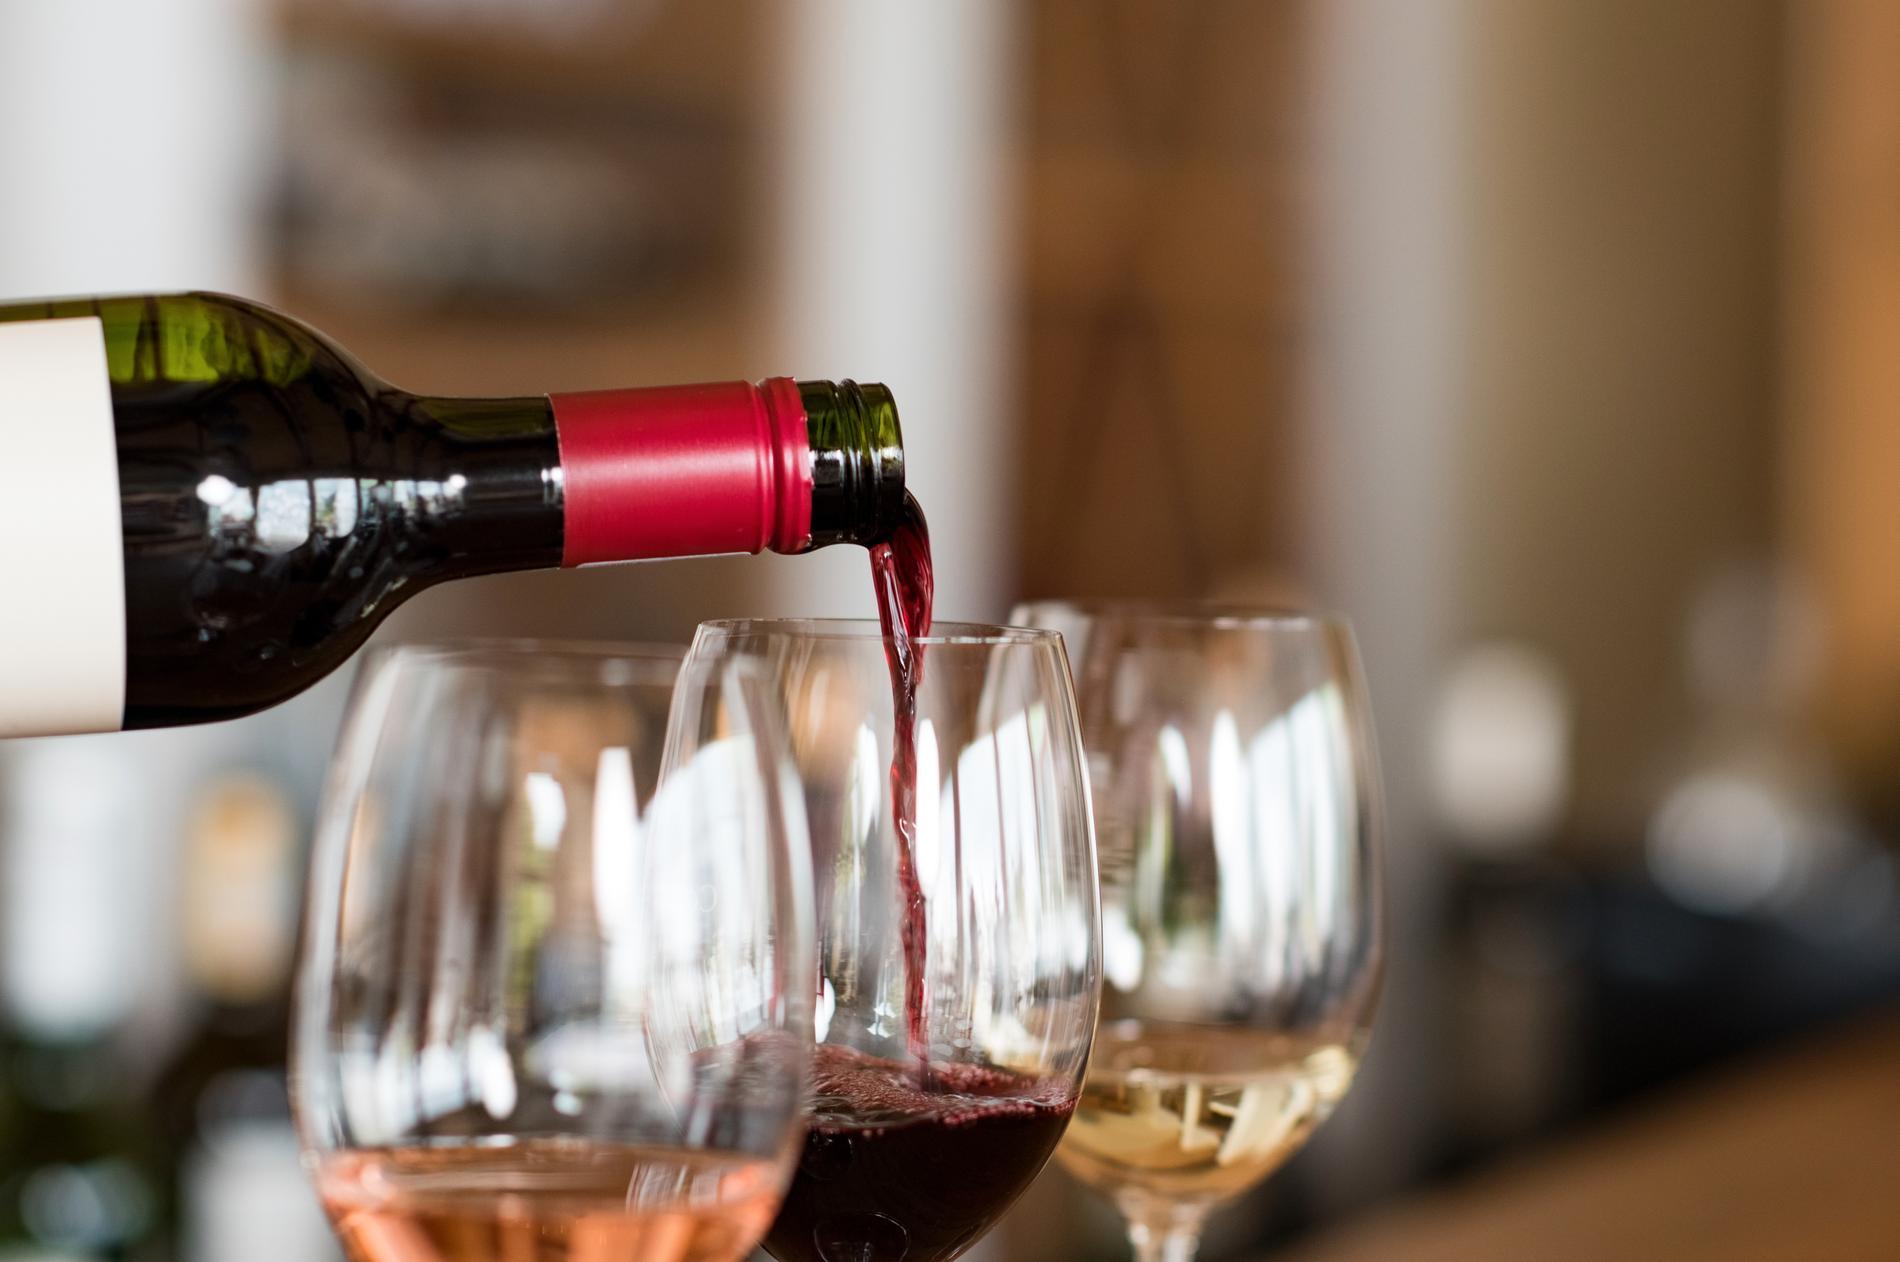 Beroende på hur mycket vin du häller i glaset så påverkas smaken och doften.